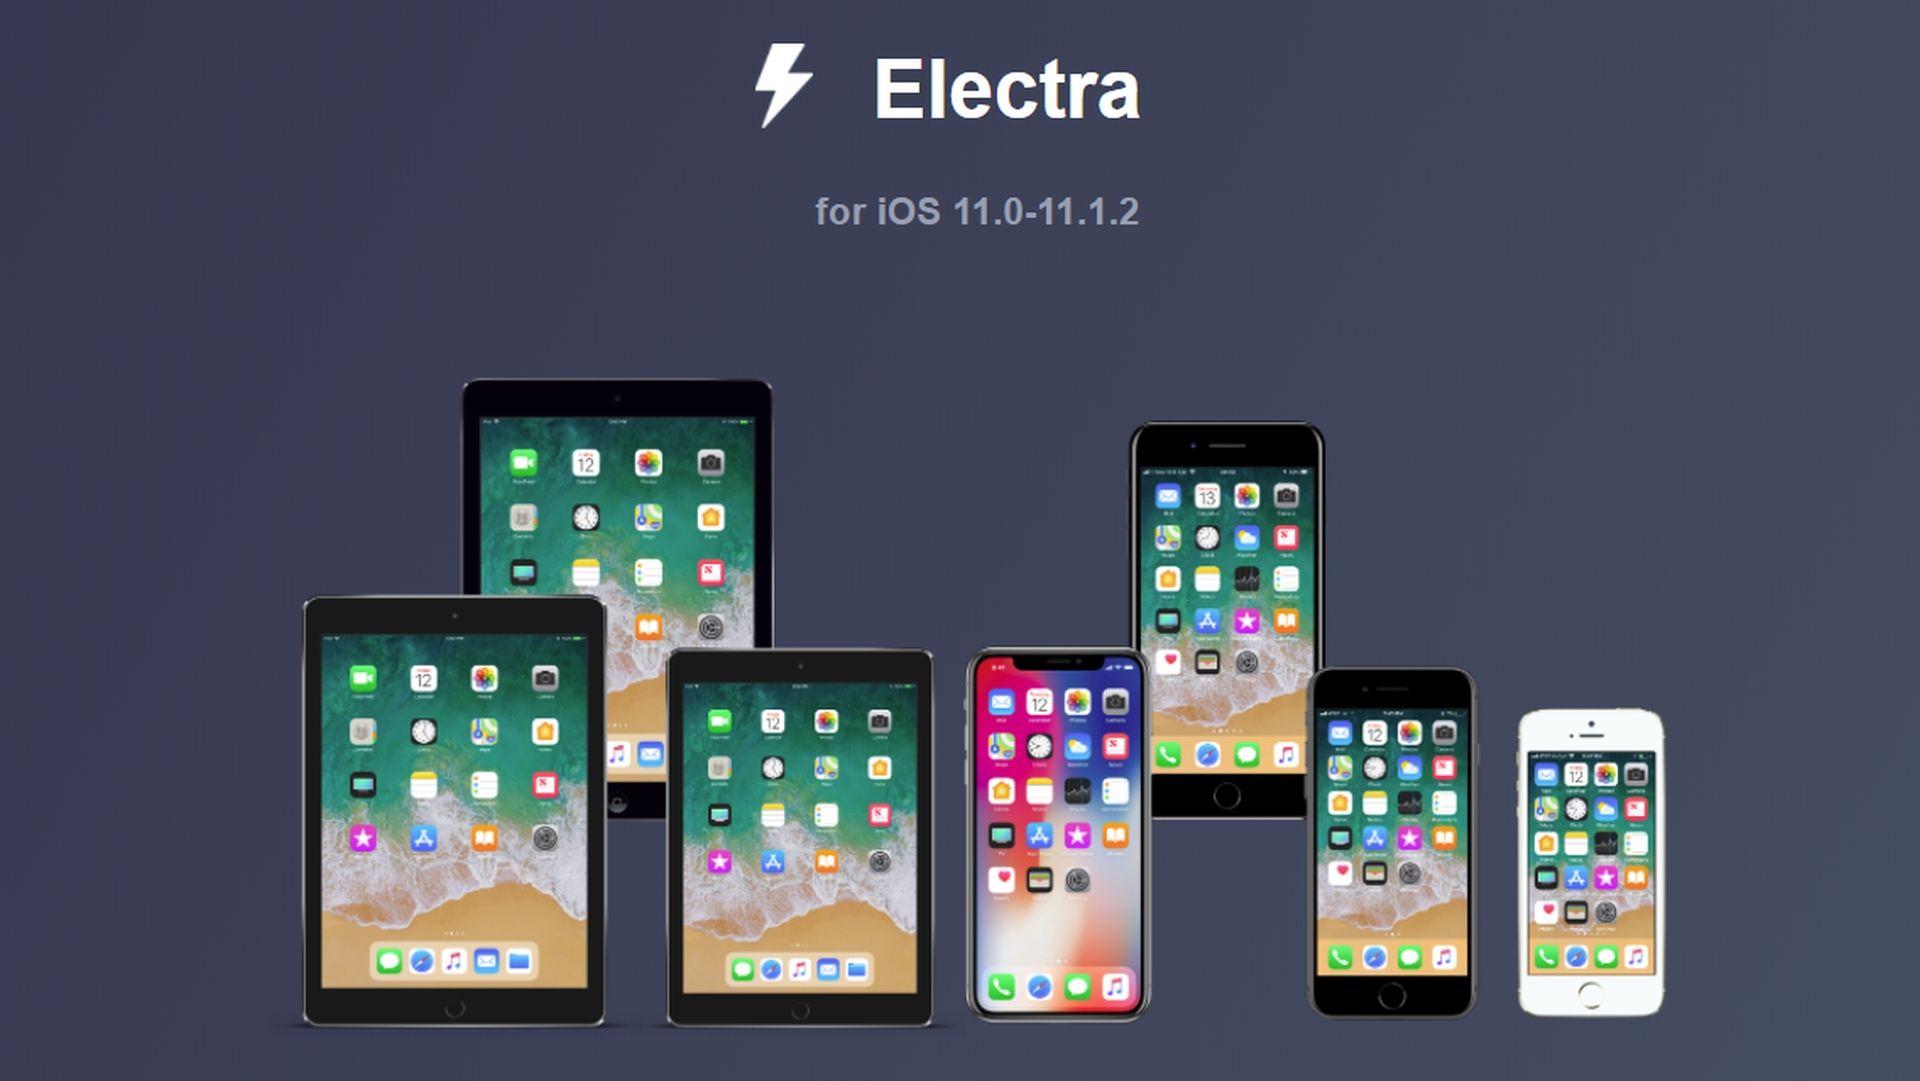 Jak wykonać semi-untethered jailbreak iOS 11.1.2 za pomocą Electra?